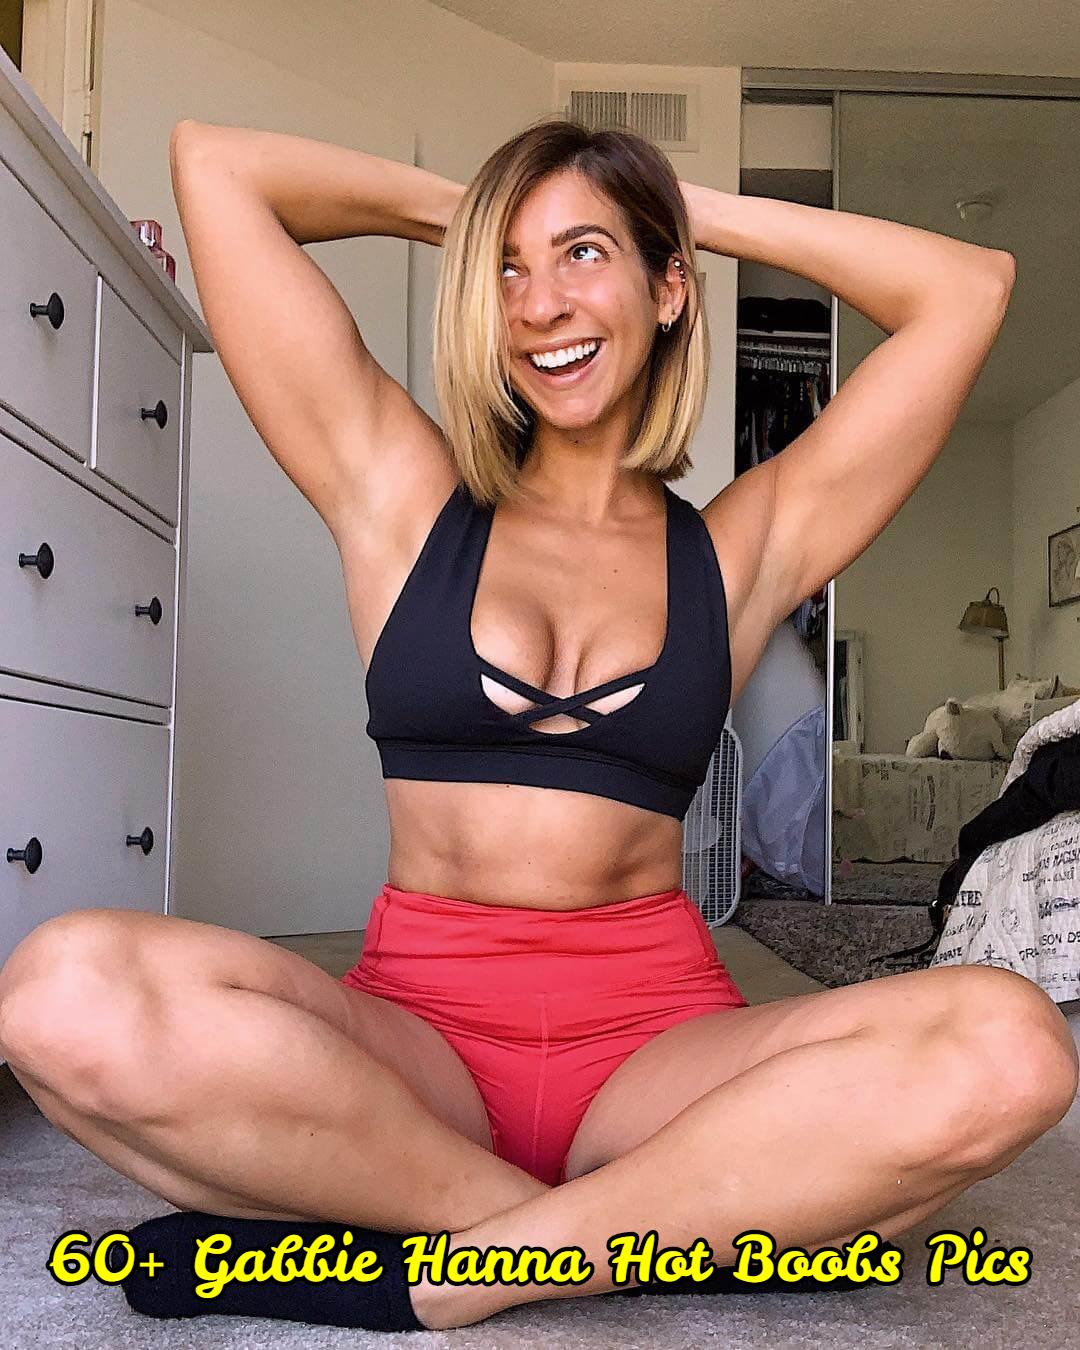 Gabbie Hanna hot boobs pics